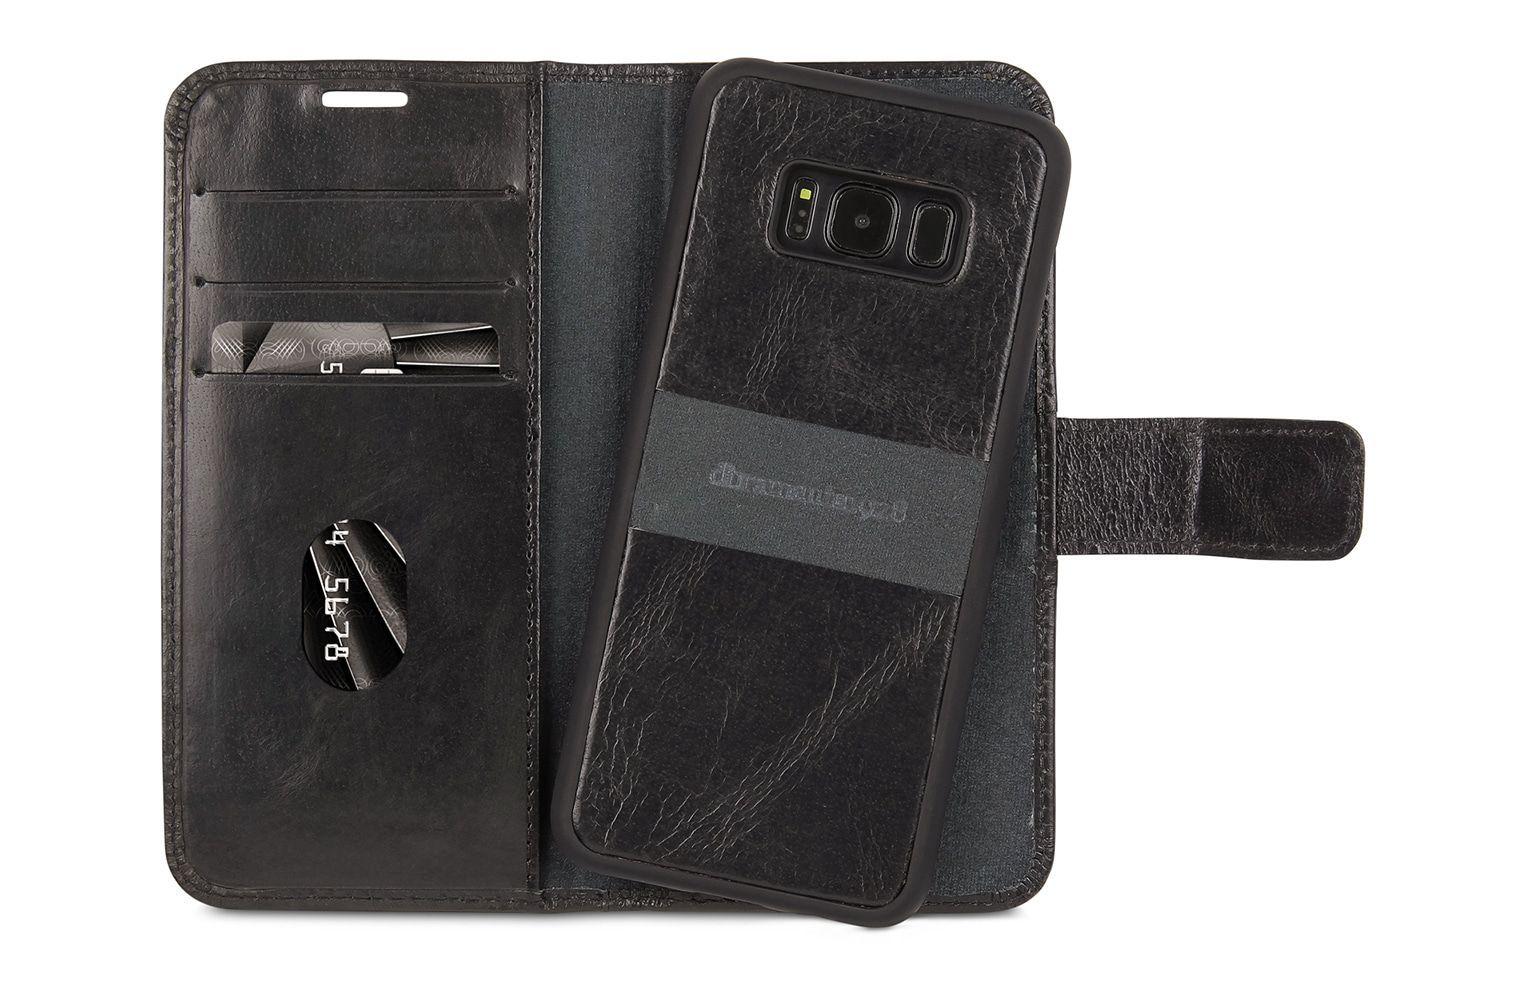 dbramante1928 Lynge 2 Leather Wallet Samsung S8 Hoesje Black